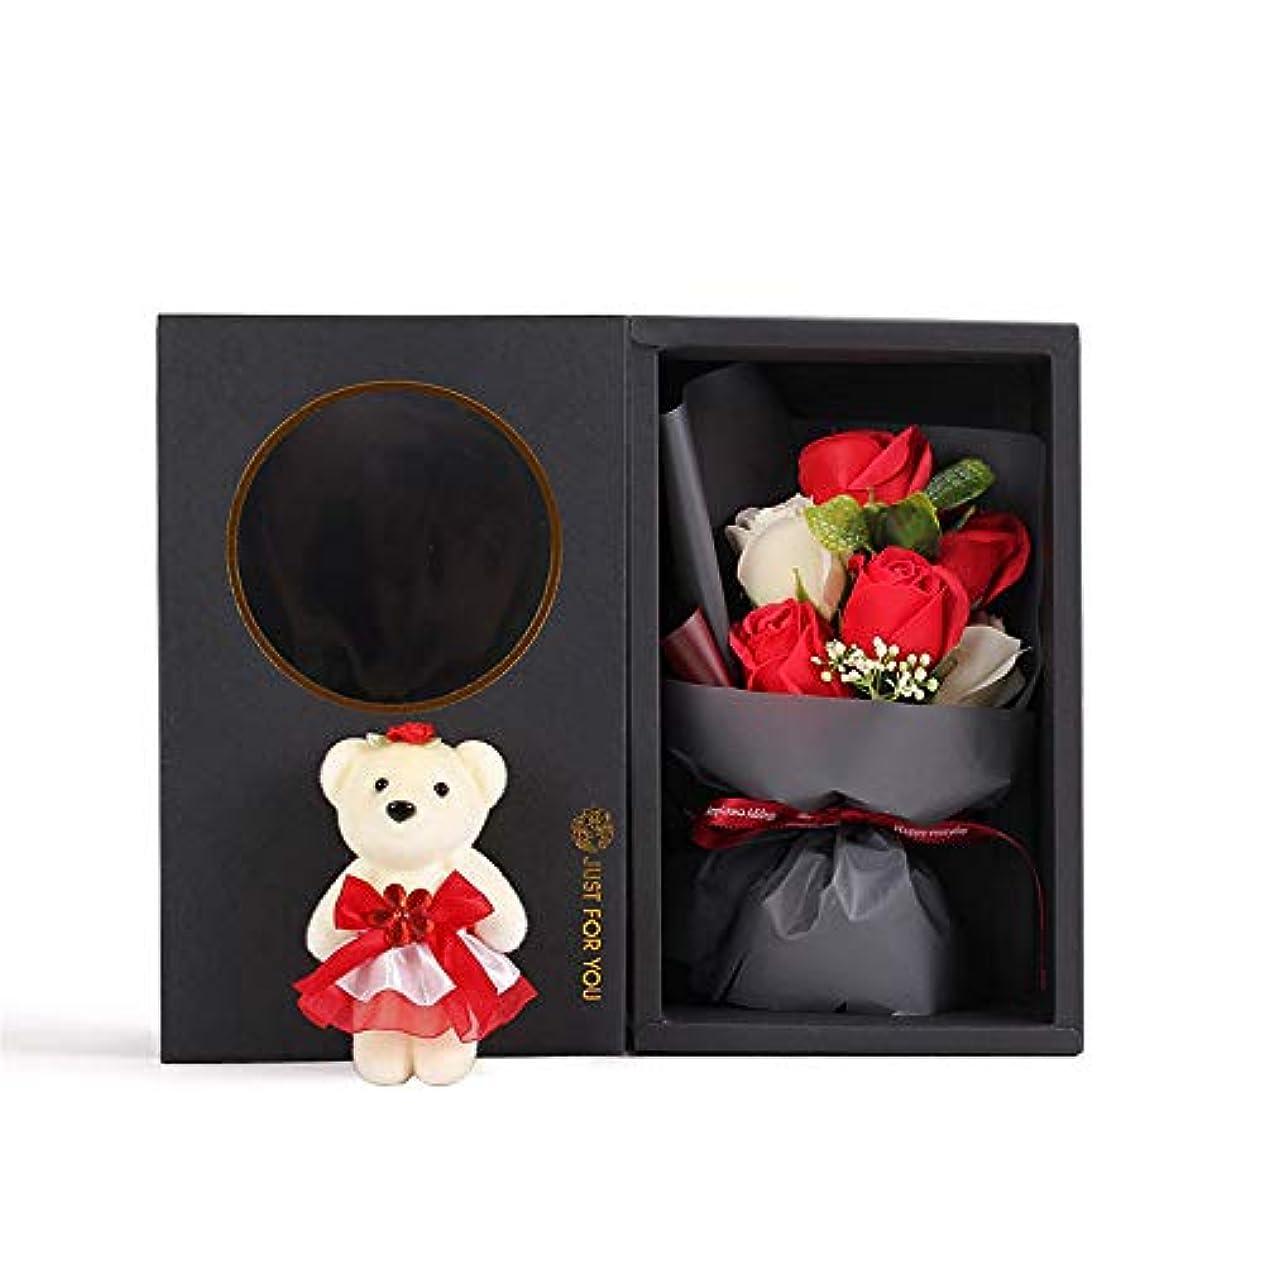 チロ付き添い人把握手作り6石鹸花の花束ギフトボックス、女性のためのギフトあなたがバレンタインデー、母の日、結婚式、クリスマス、誕生日を愛した女の子(ベアカラーランダム) (色 : 赤)